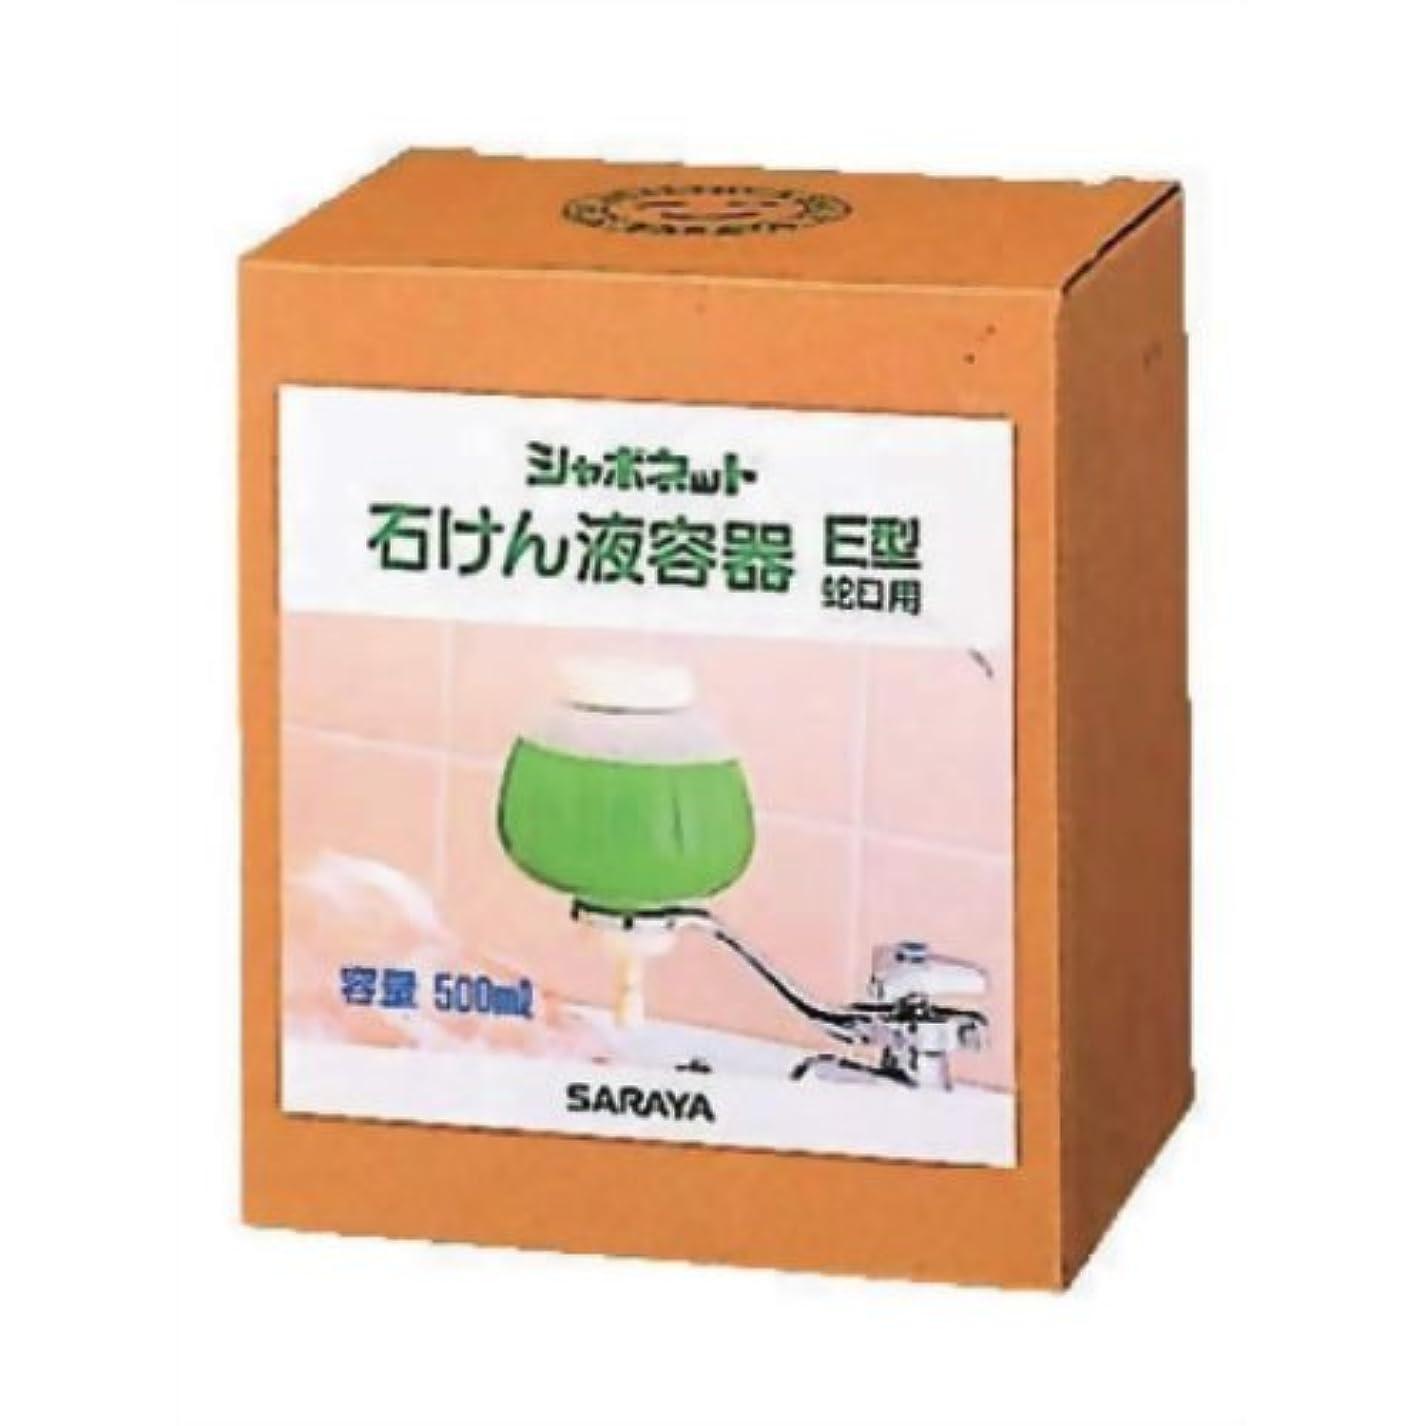 噂協力的粘り強いシャボネット石鹸液容器 500mLE型蛇口用 21450/63828559 サラヤ